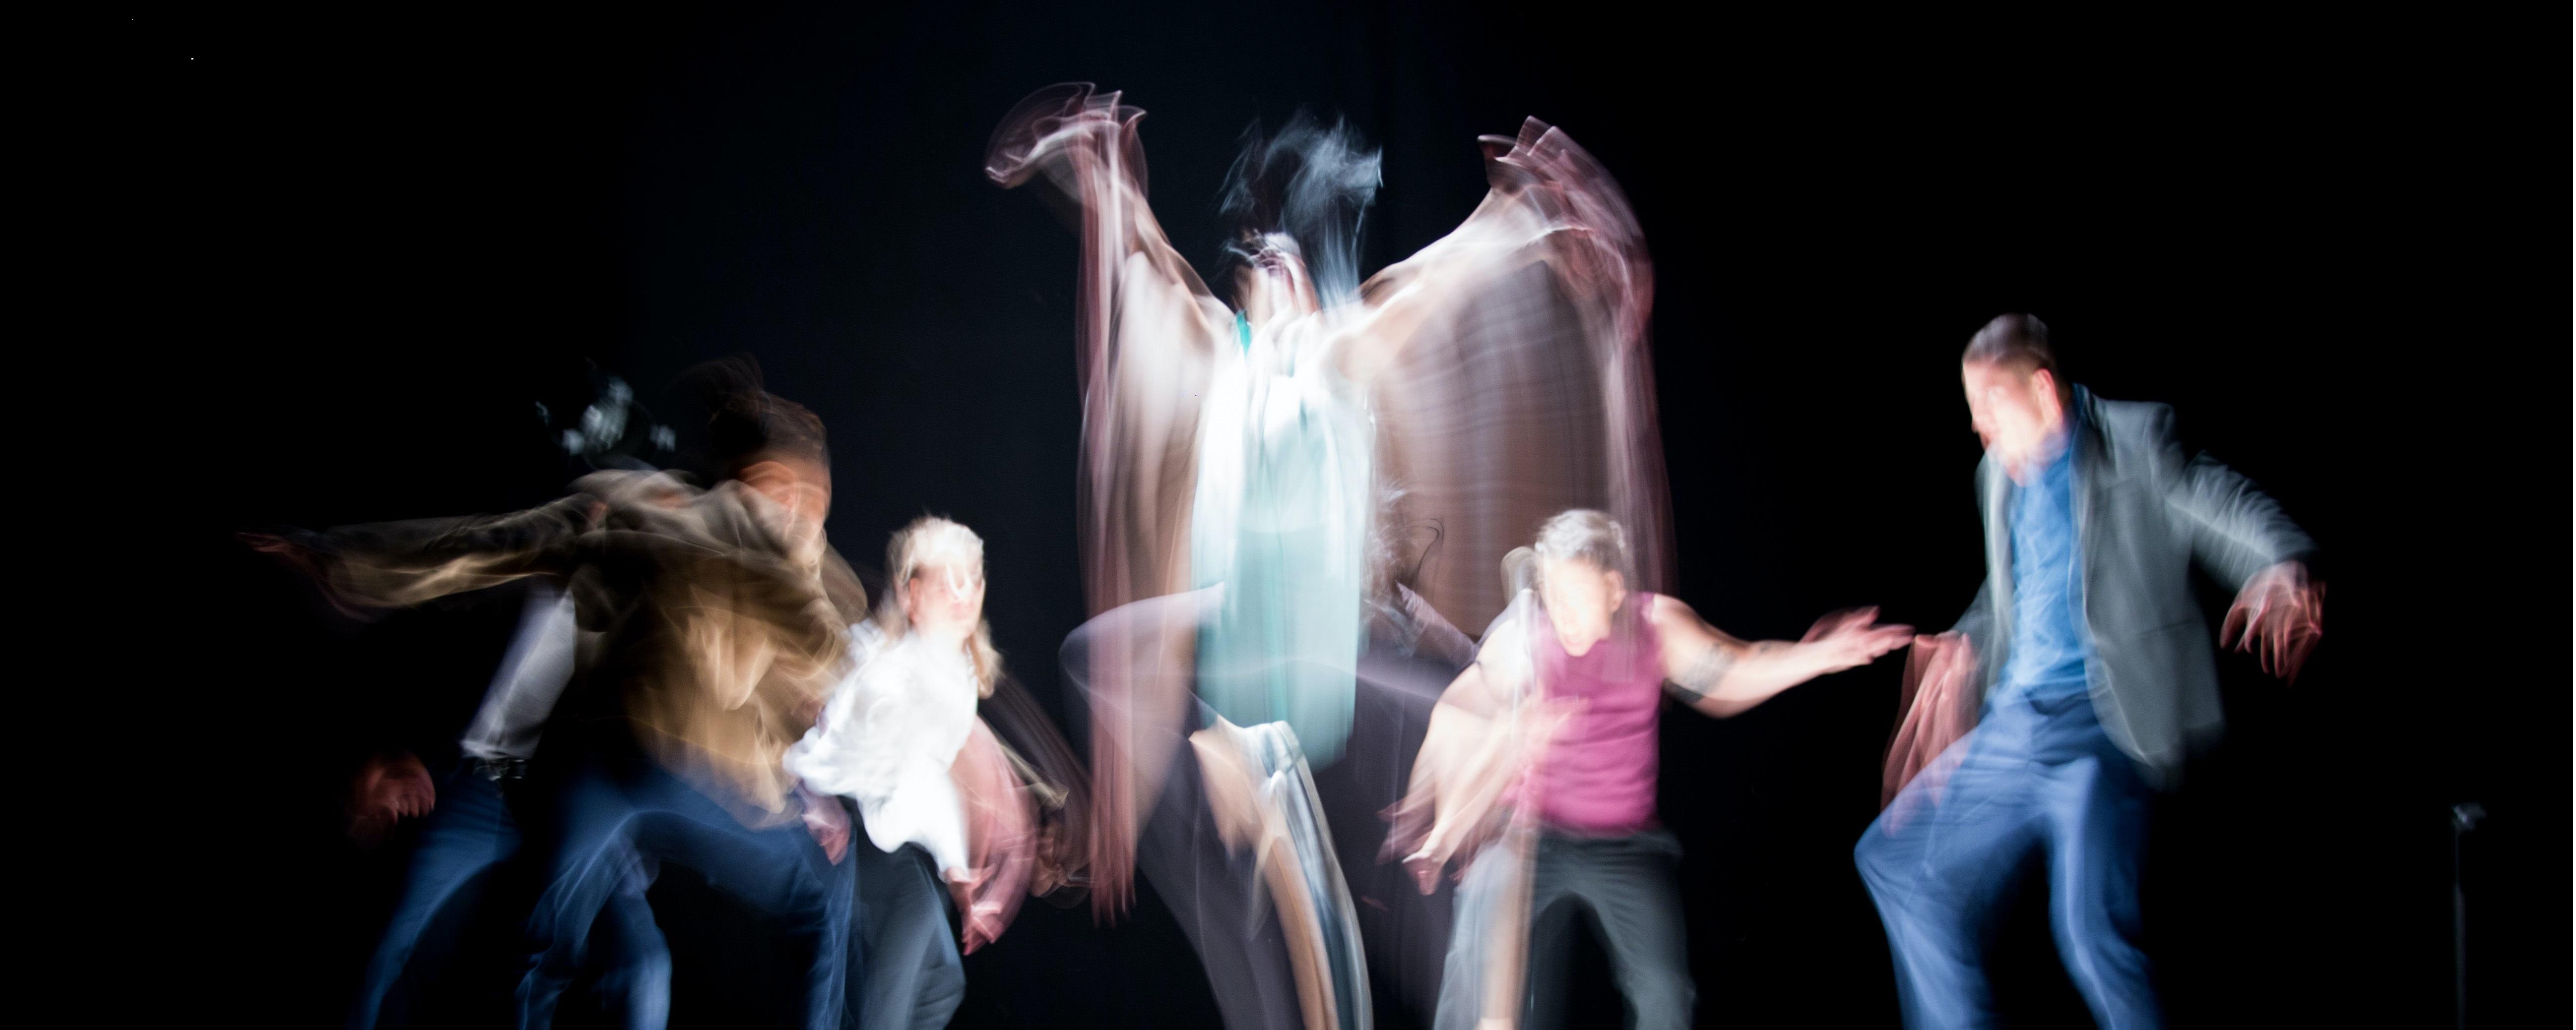 Dors Il Rapporto Oms Su Arti E Salute Inaugura Il Cultural Welfare Center